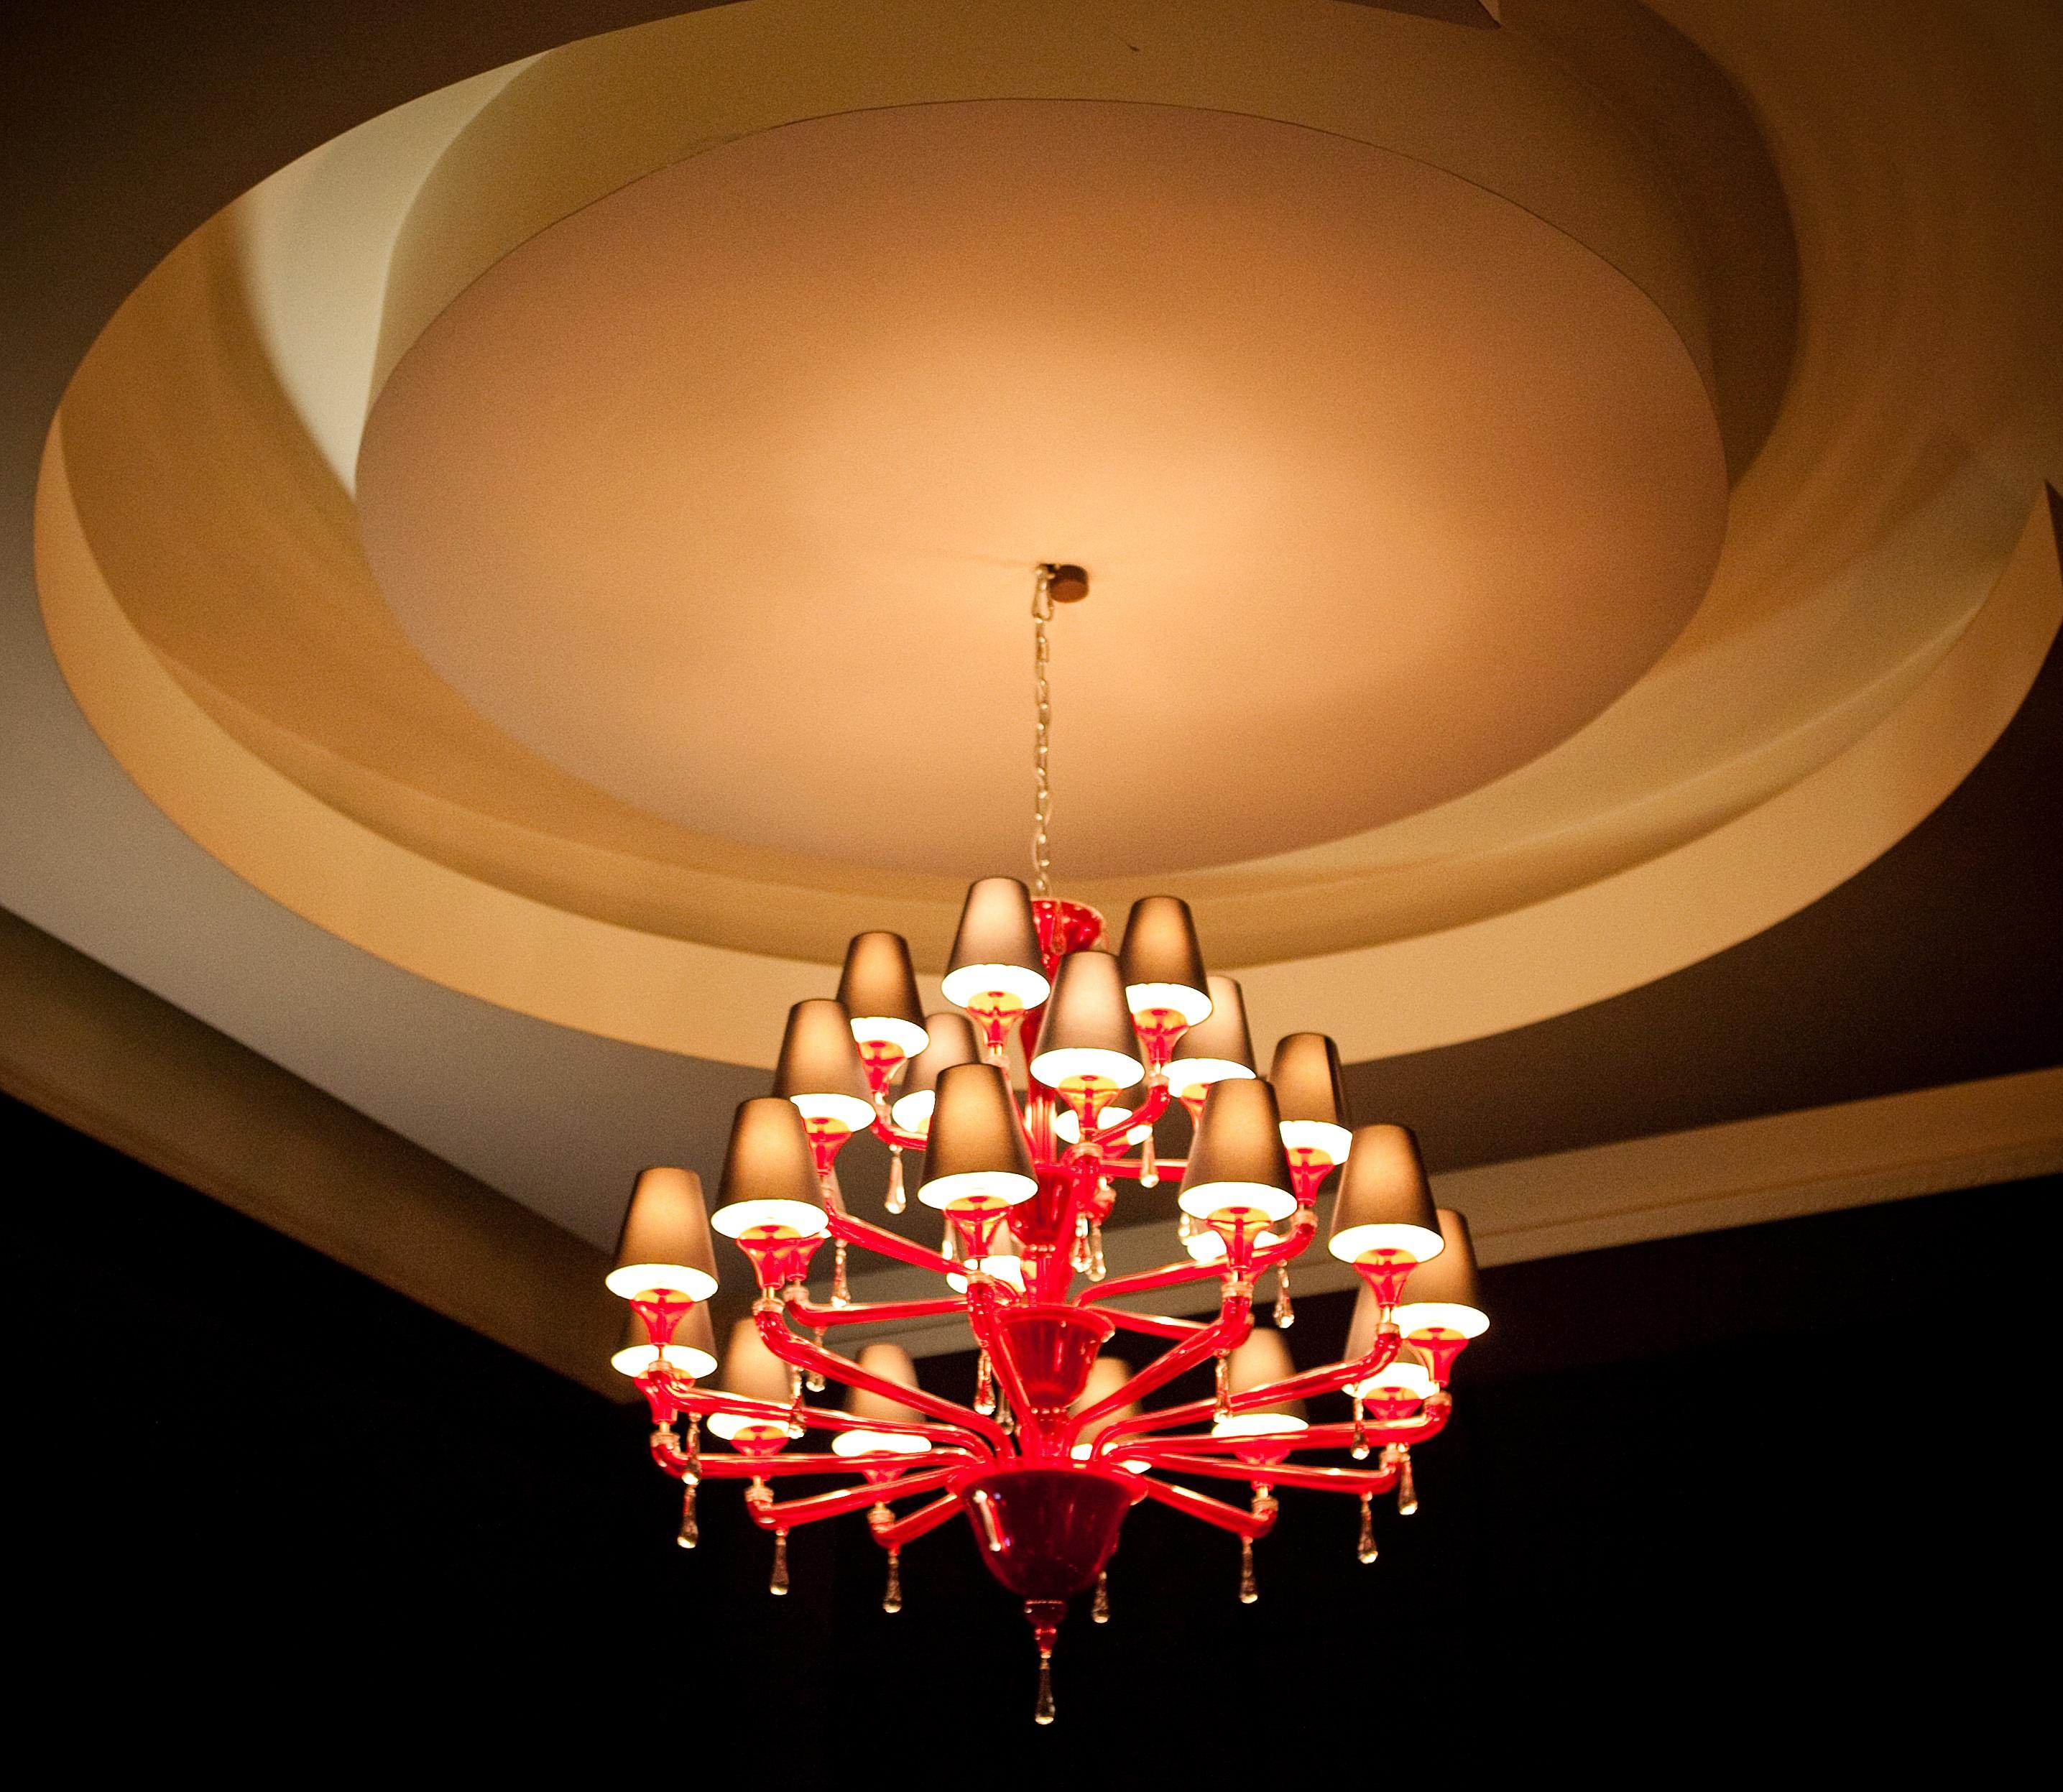 Images Gratuites Lumière Plafond Rouge Lampe éclairage Décor